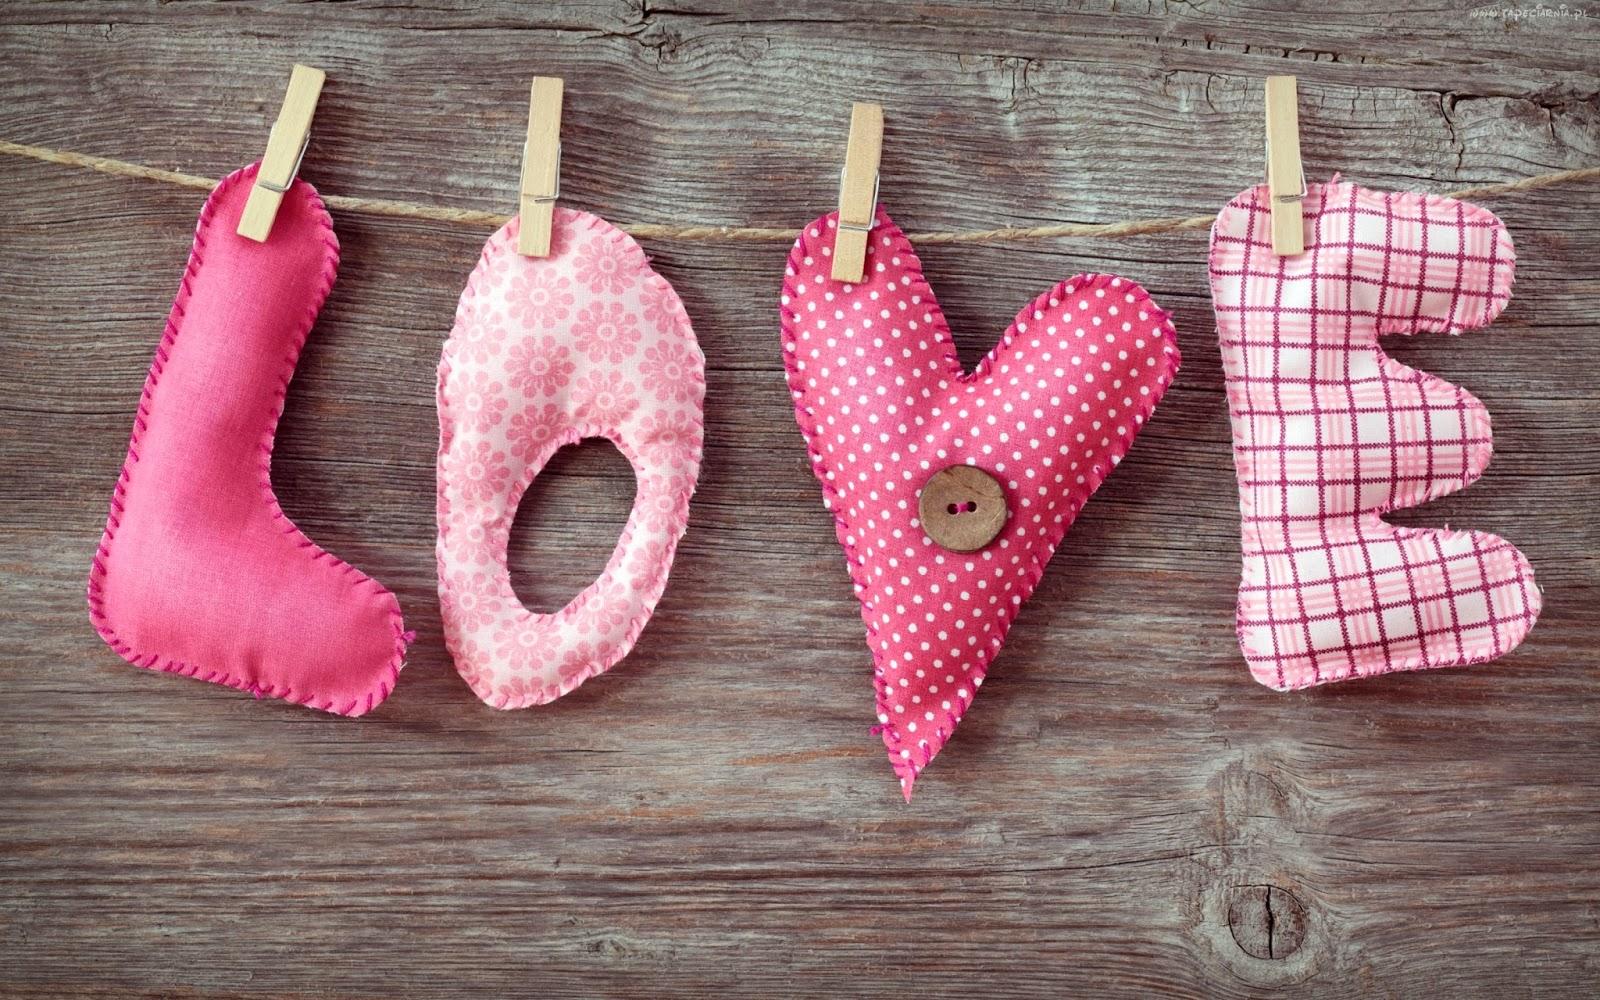 Relas diy decorazioni fai da te per san valentino - Decorazioni per san valentino fai da te ...